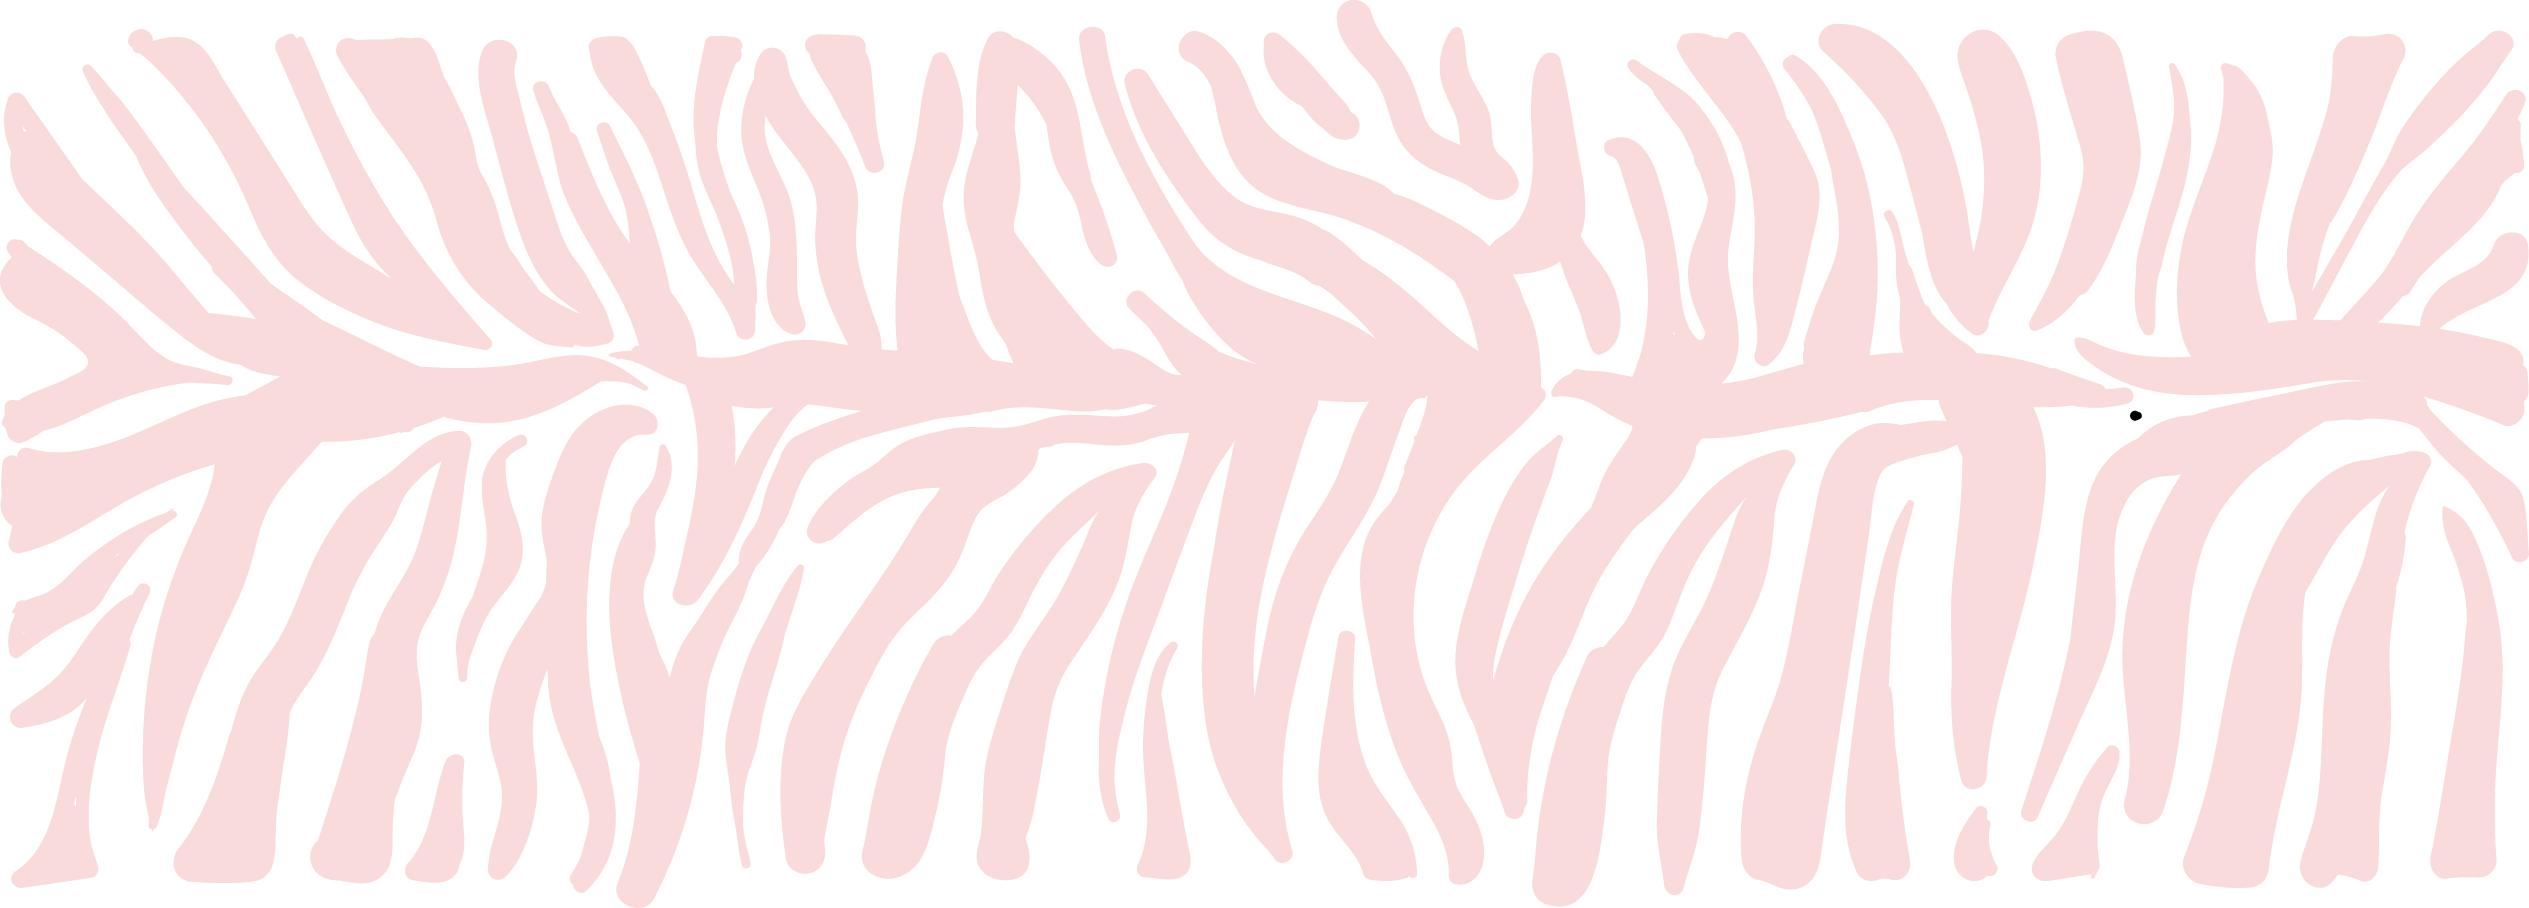 Zebrazonderletters